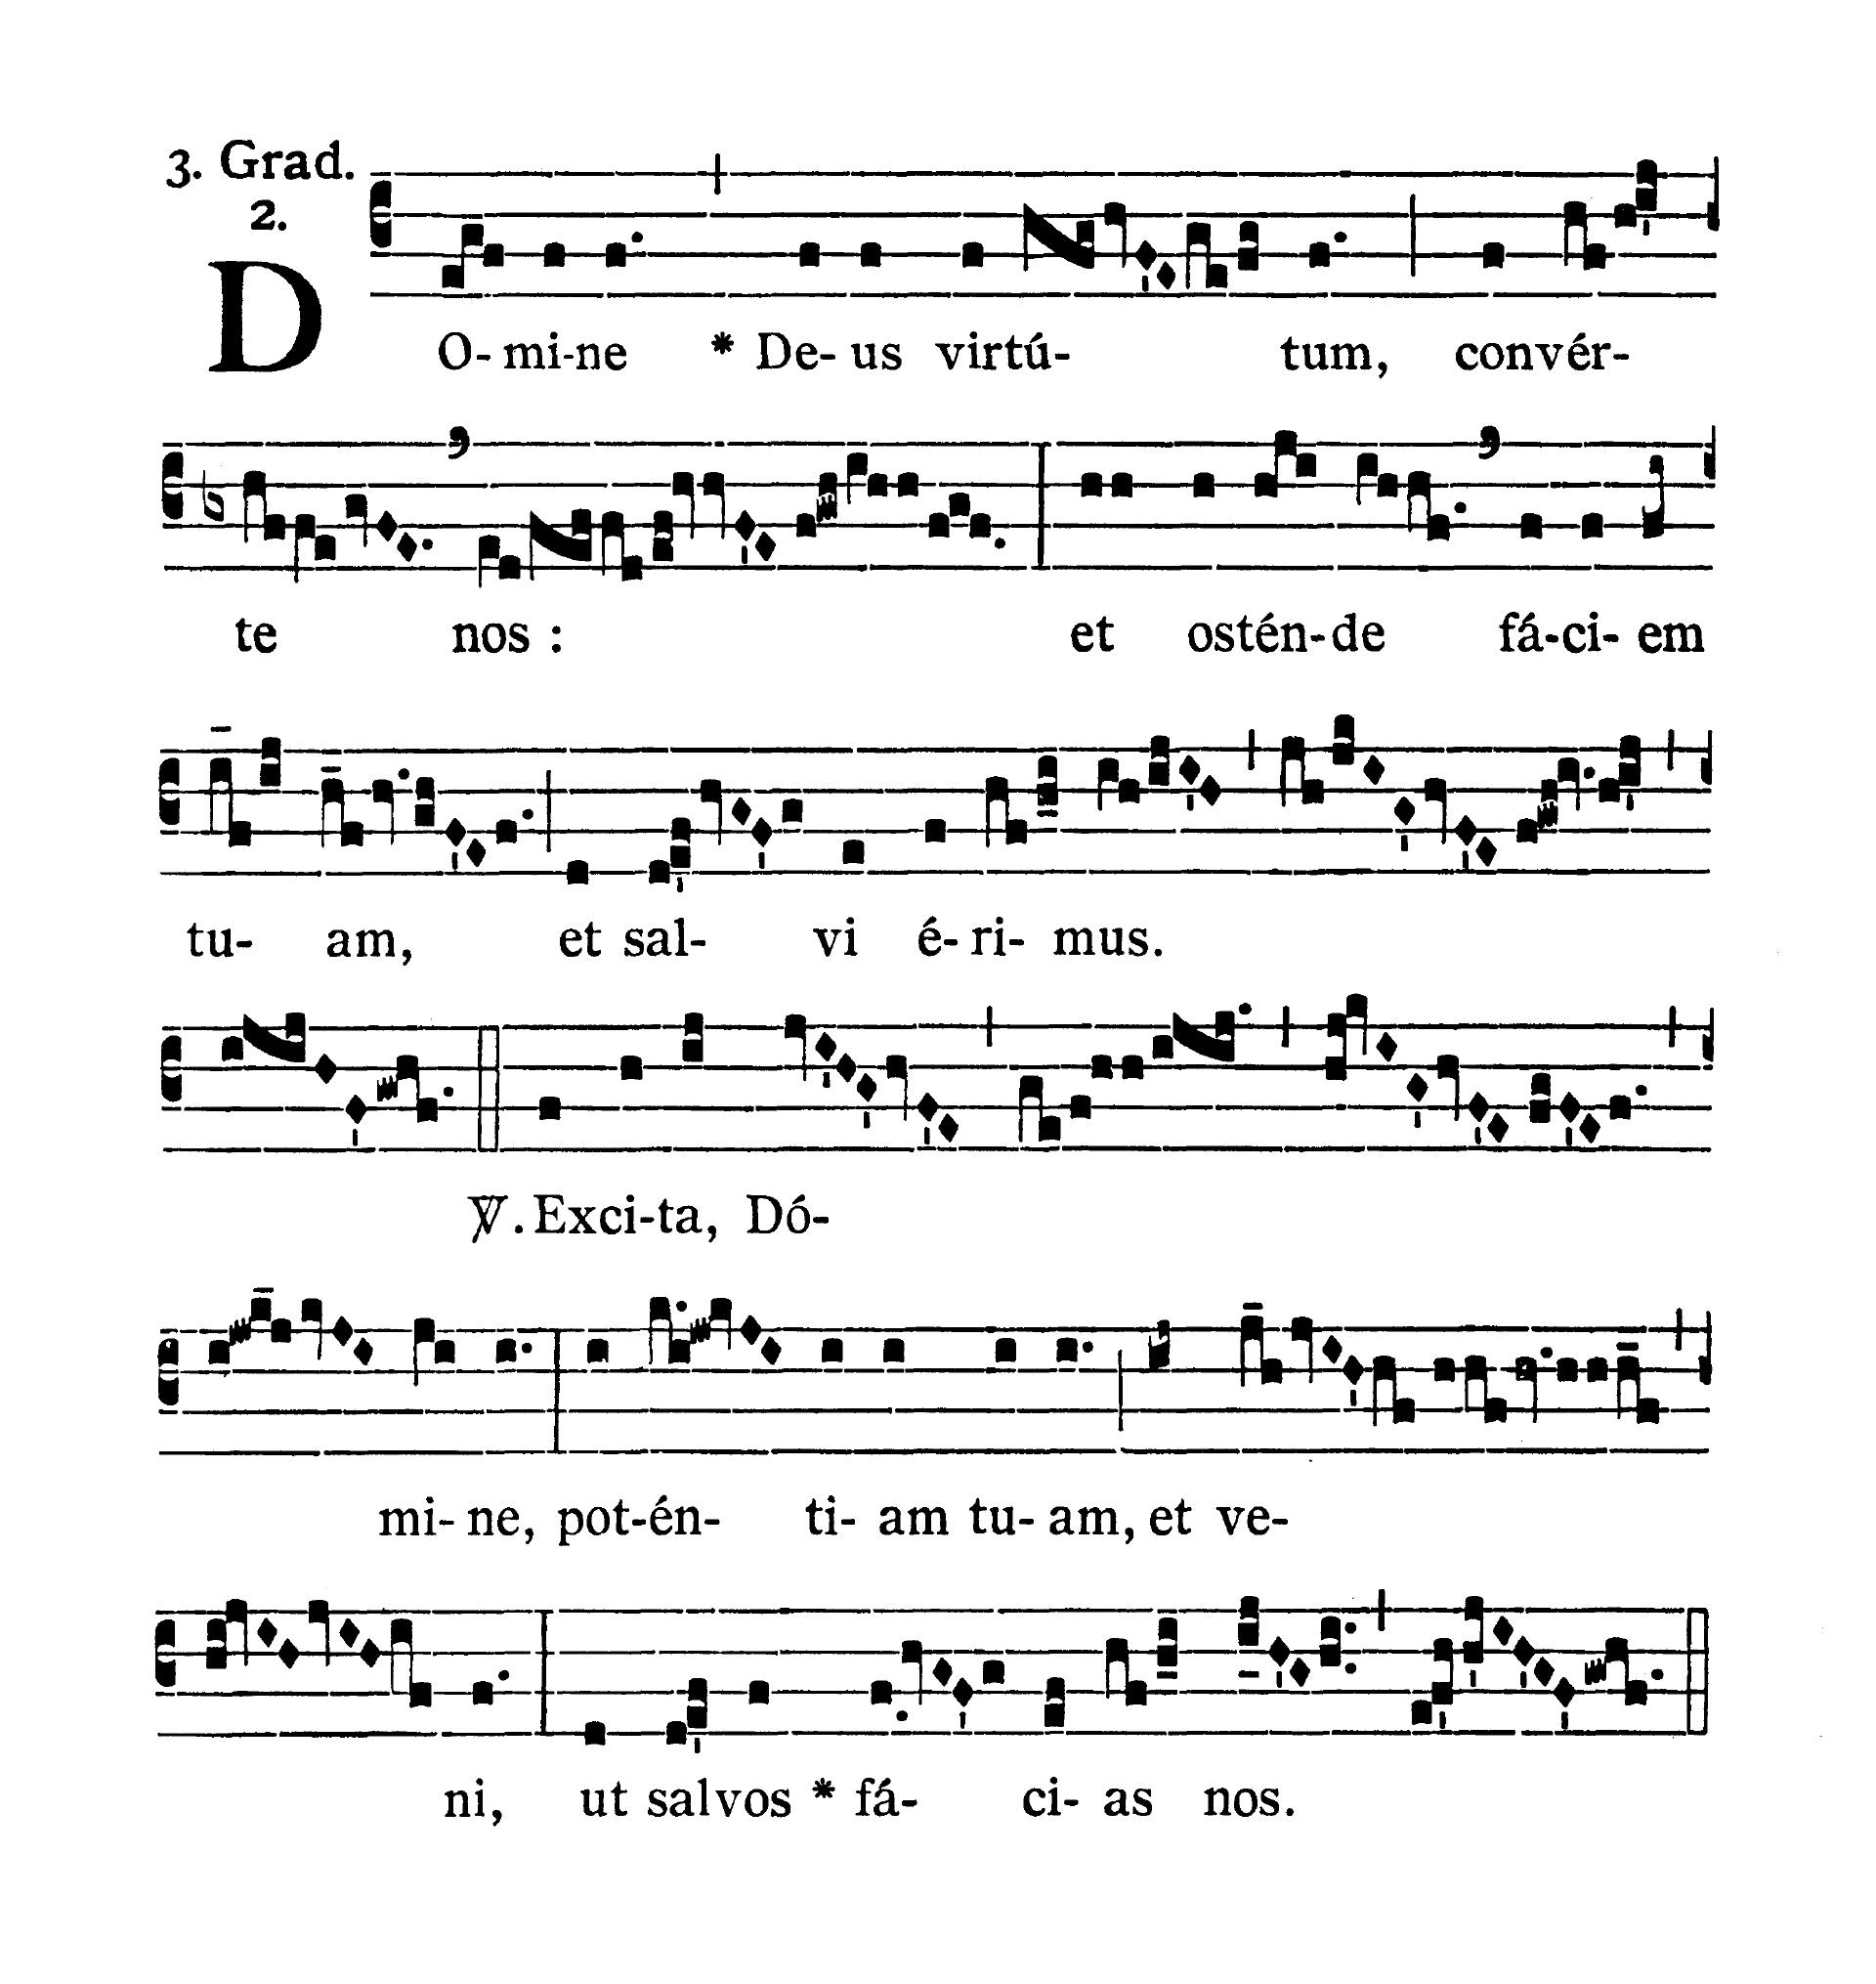 Sabbato Quatuor Temporum Adventus (Ember Saturday of Advent) - Graduale (Domine Deus virtutum)